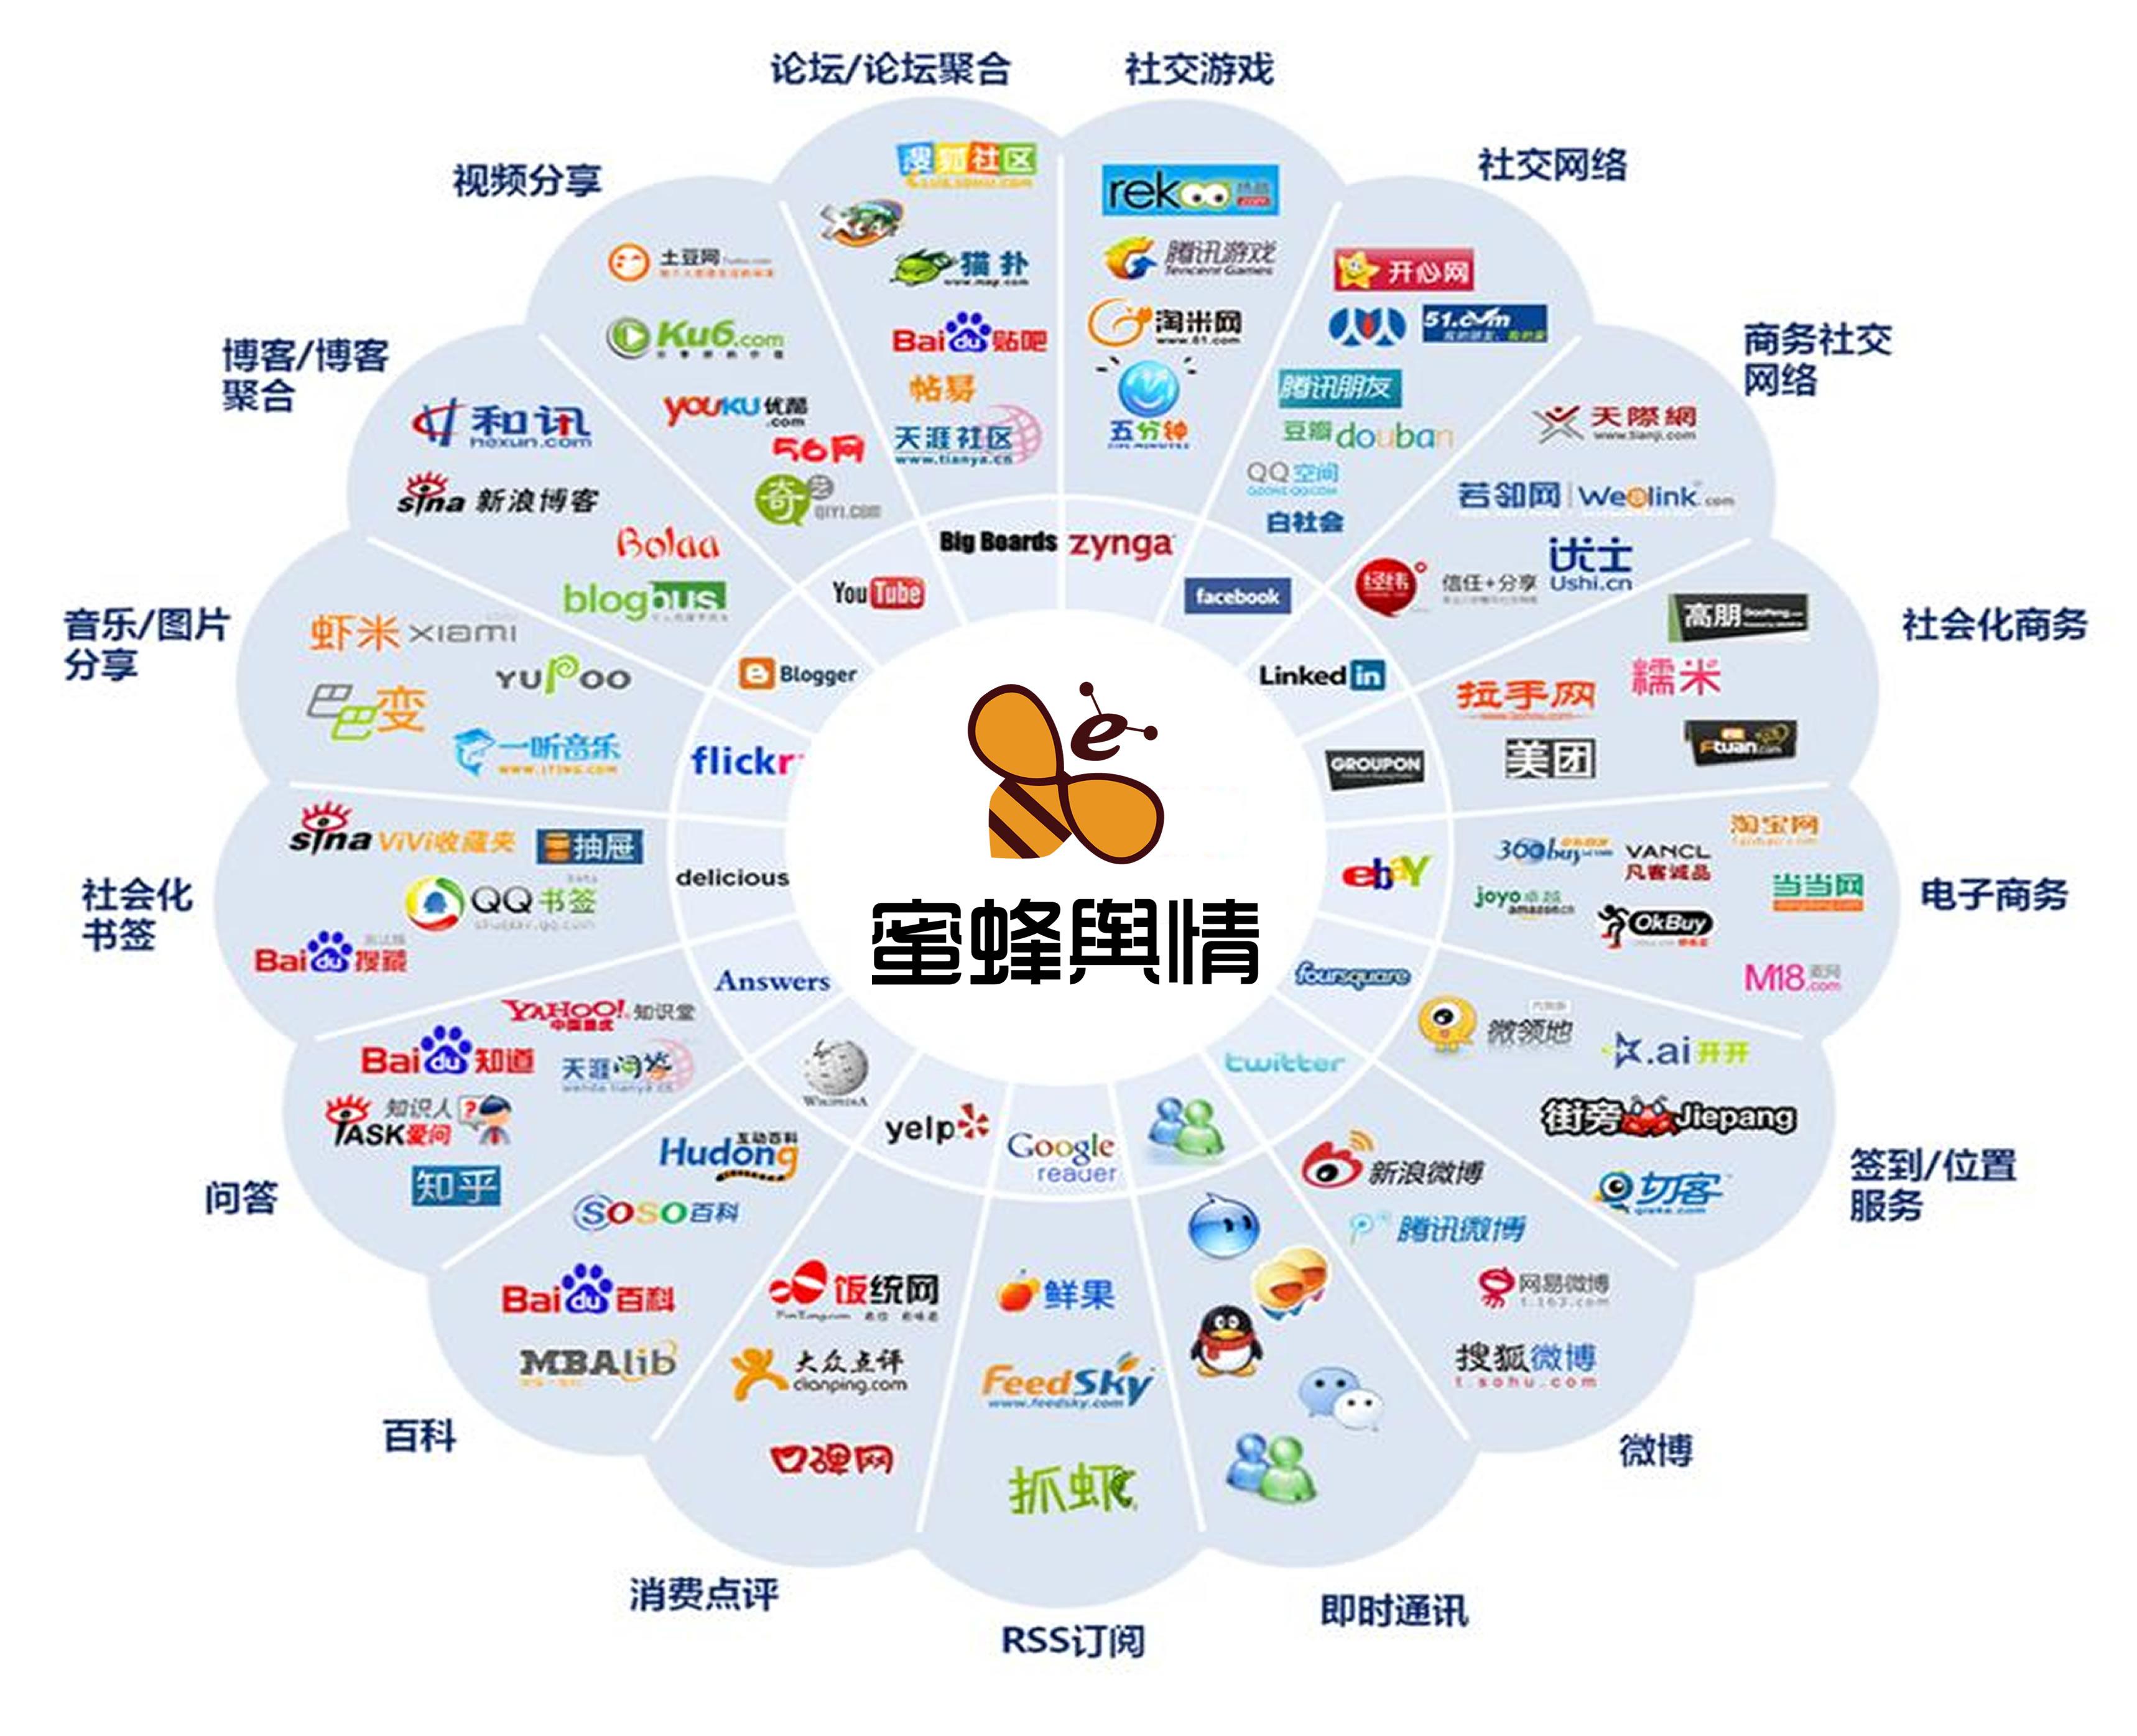 蜜蜂舆情 全网监测